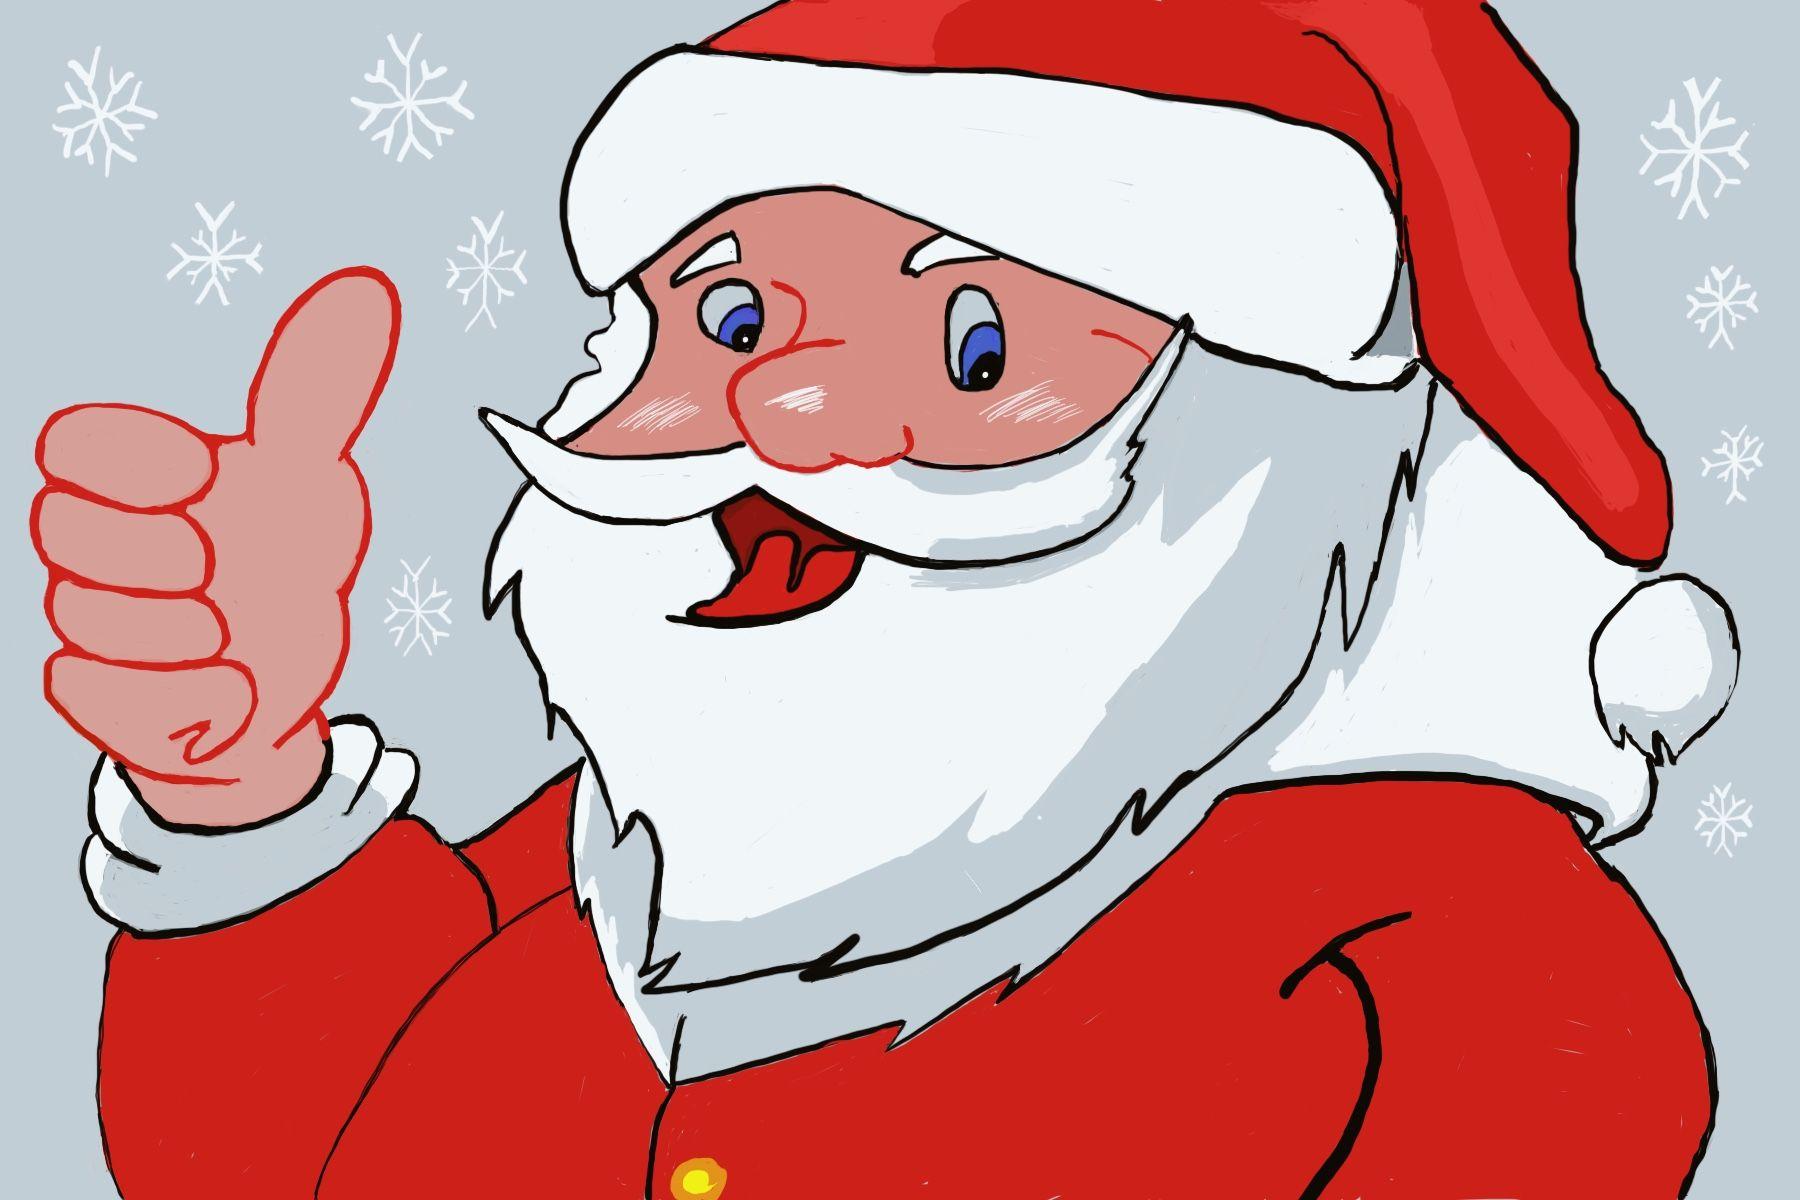 Santa drawing using procreate | Disney characters ...